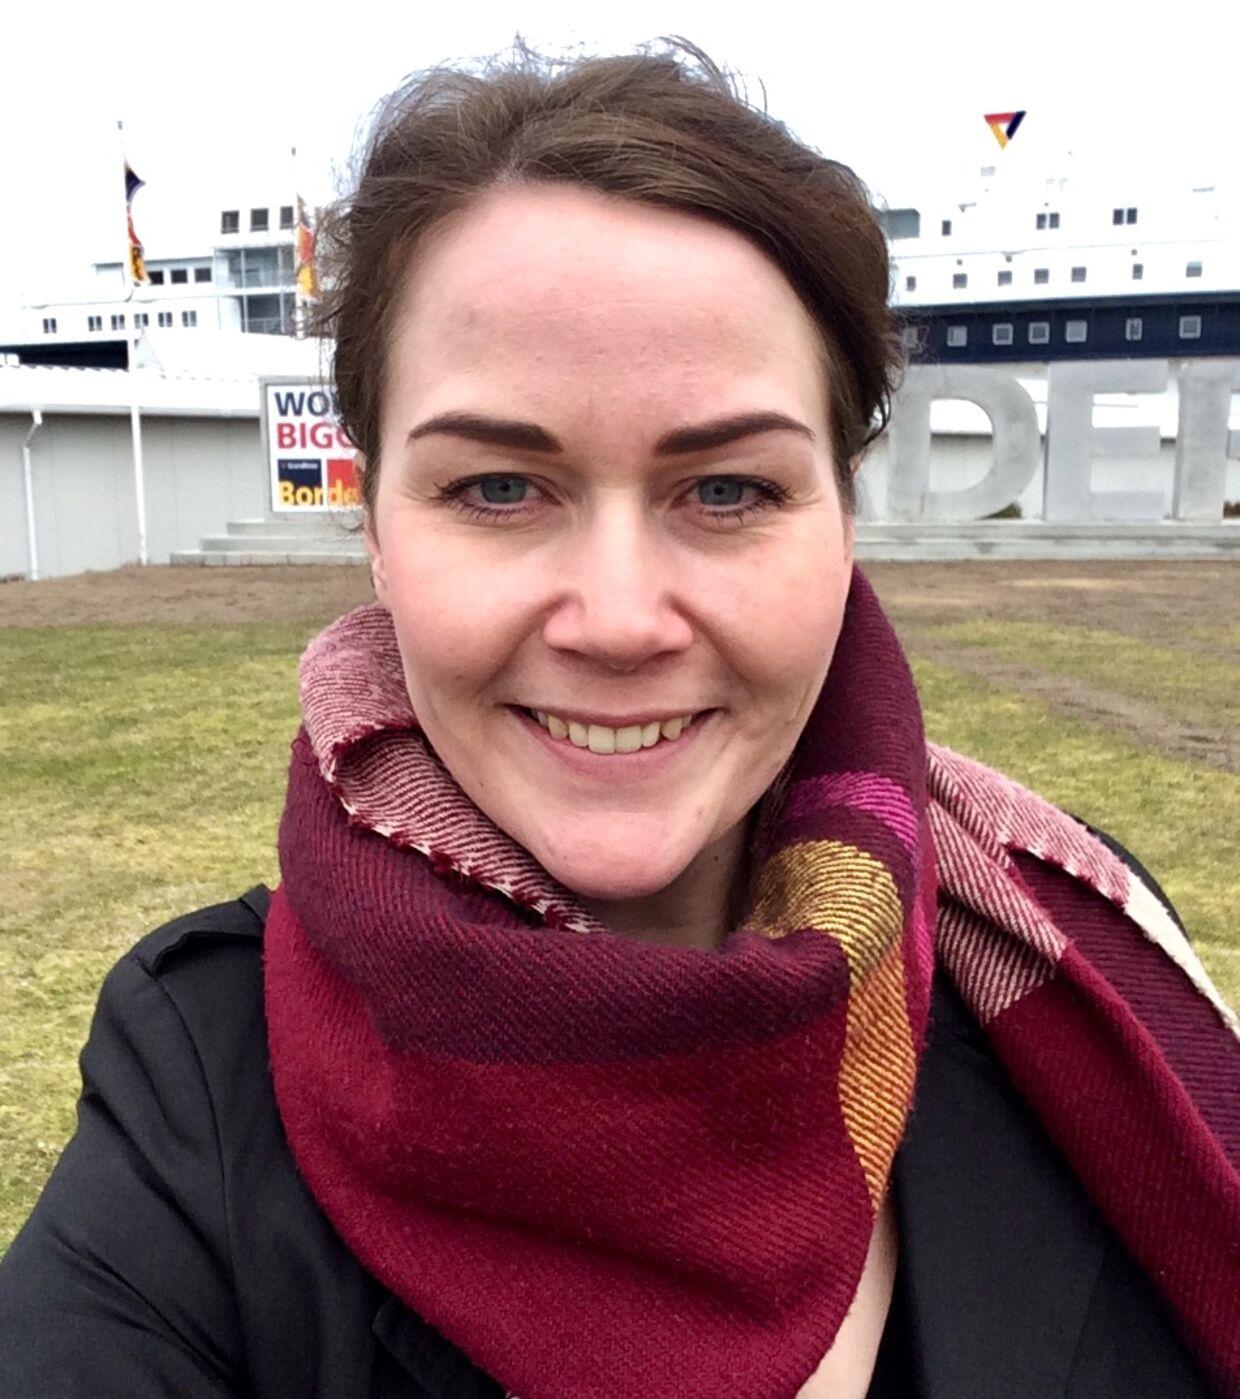 Signe Gelmer fik efter meget besvær sine penge tilbage. Hun kalder Nordicwomans måde at drive forretning på 'ussel'.